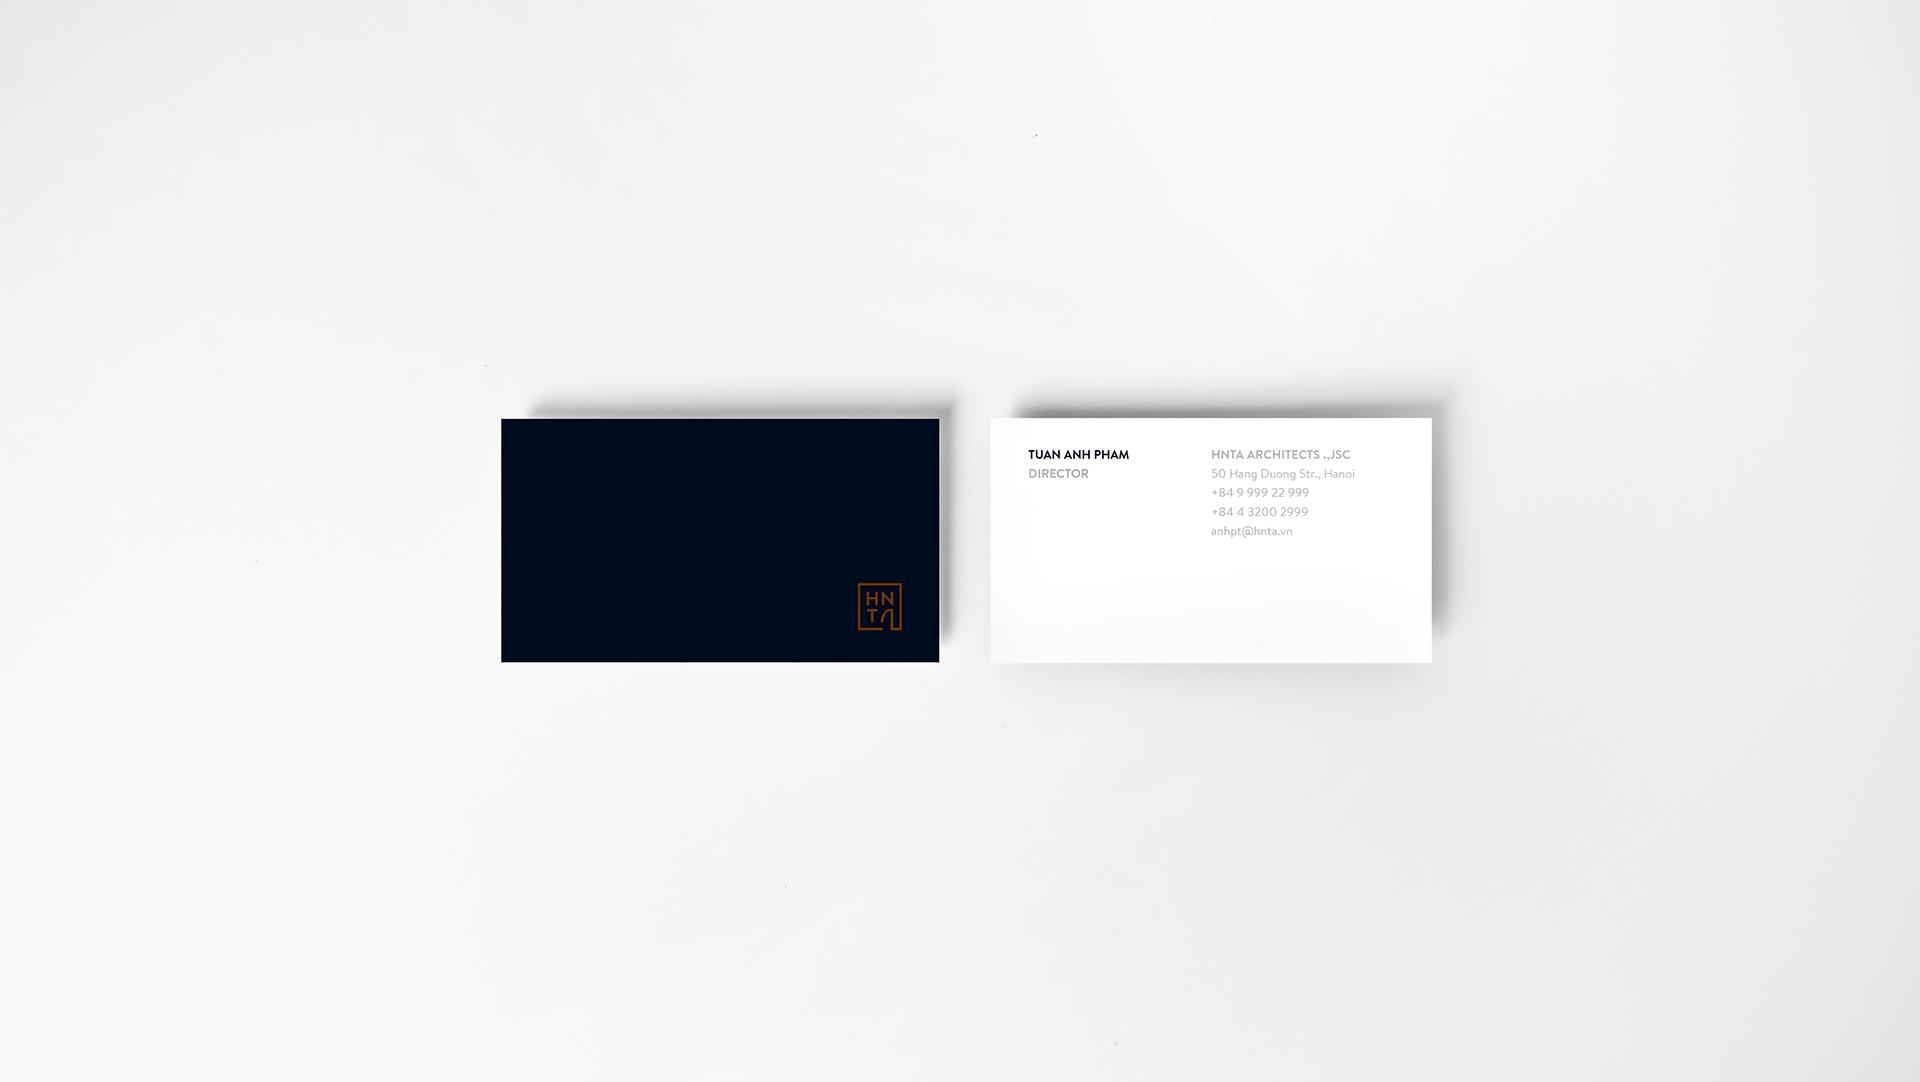 Design Studi- Online, Design Studio Online, DS-O, DSO, dsovn, design studio, studio online, design, studio, dịch vụ thiết kế đồ họa chuyên nghiệp, dịch vụ graphic design, dịch vụ design, dịch vụ tư vấn định hướng hình ảnh chuyên nghiệp, dịch vụ thiết kế nhận diện thương hiệu, dịch vụ thiết kế hệ thống nhận diện thương hiệu, dịch vụ thiết kế visual identity, dịch vụ thiết kế logo, dịch vụ thiết kế biểu tượng thương hiệu, dịch vụ thiết kế logosymbol, dịch vụ thiết kế logotype, dịch vụ thiết kế ấn phẩm văn phòng, dịch vụ thiết kế danh thiếp.